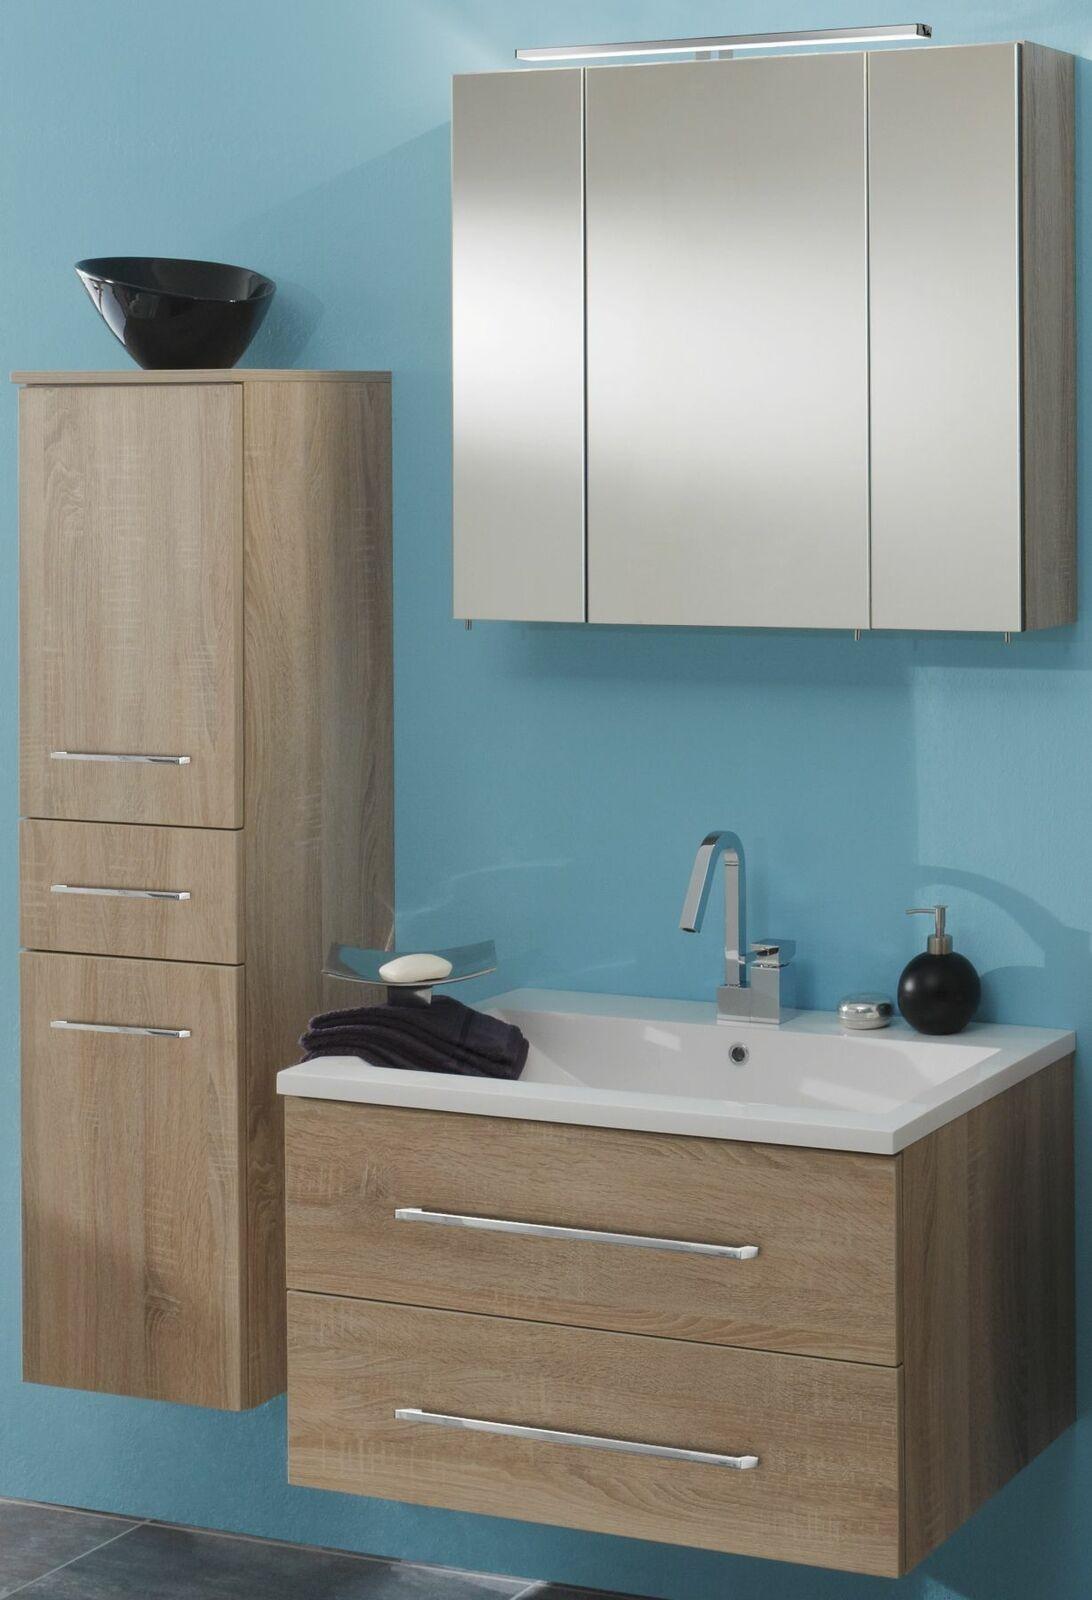 Badmöbel Set 3 Teile Waschplatz 80 cm LED Spiegelschrank Badezimmer ...